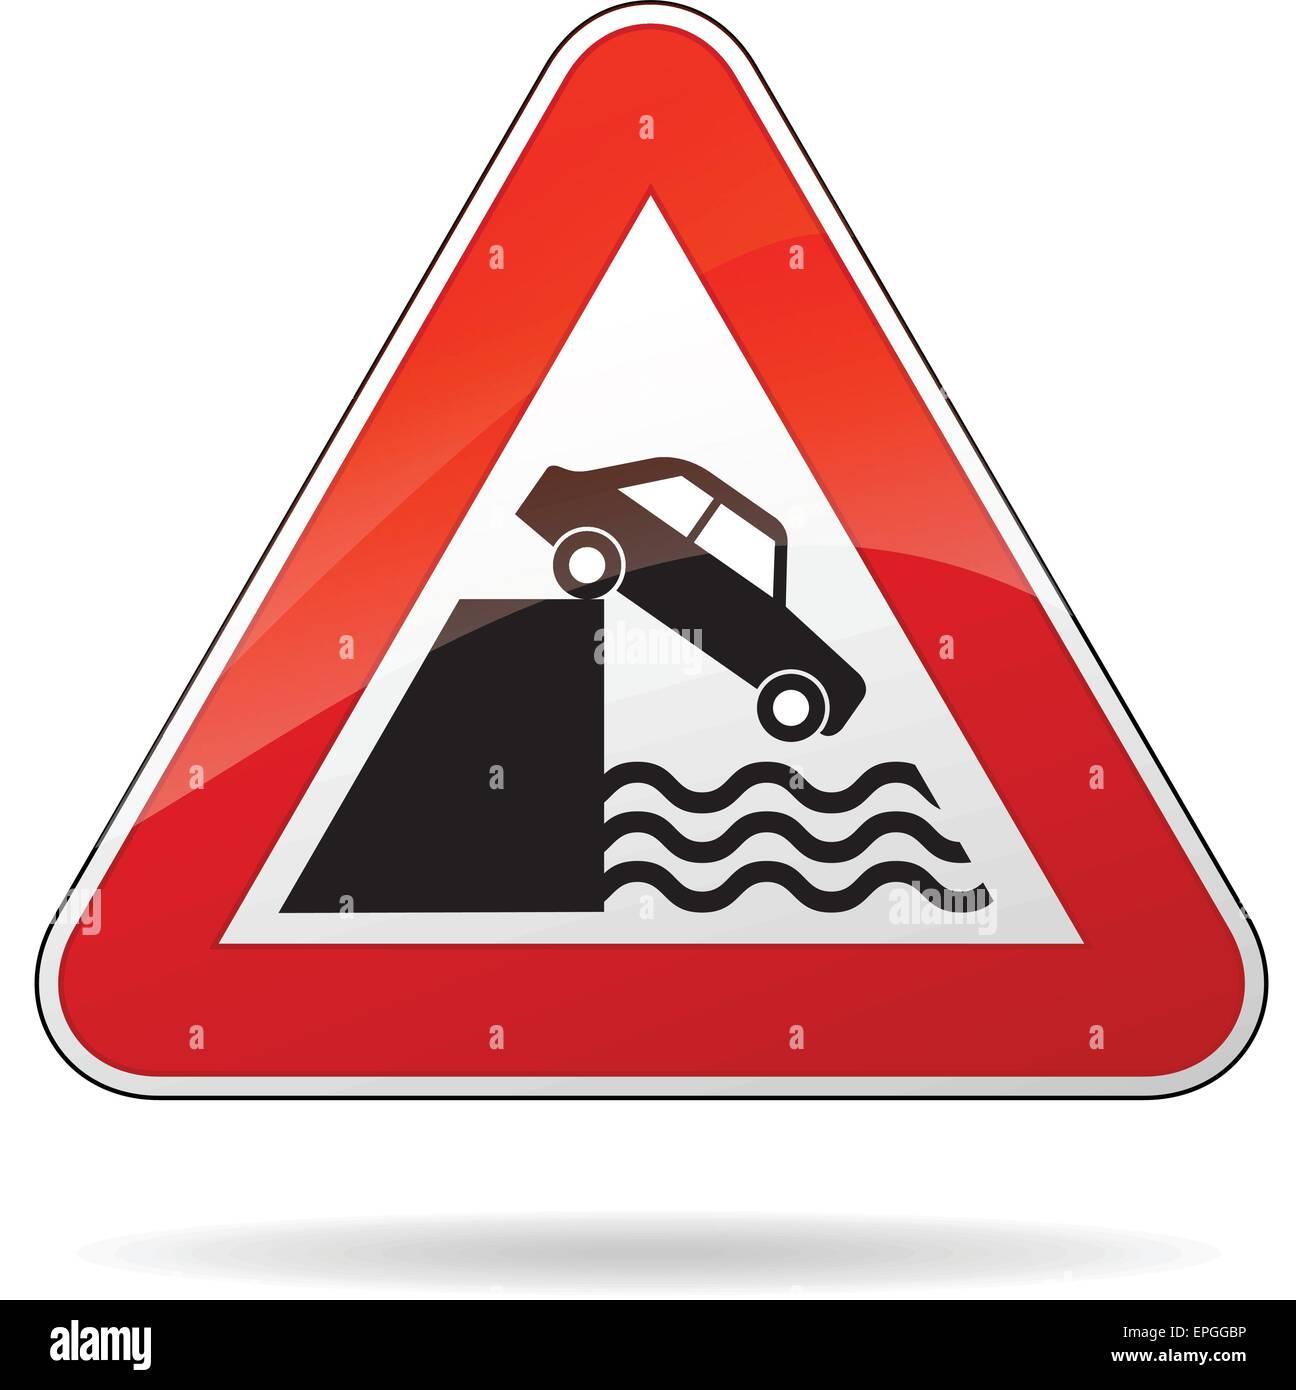 них картинки предупреждающие знаки о воде взять любой твердый